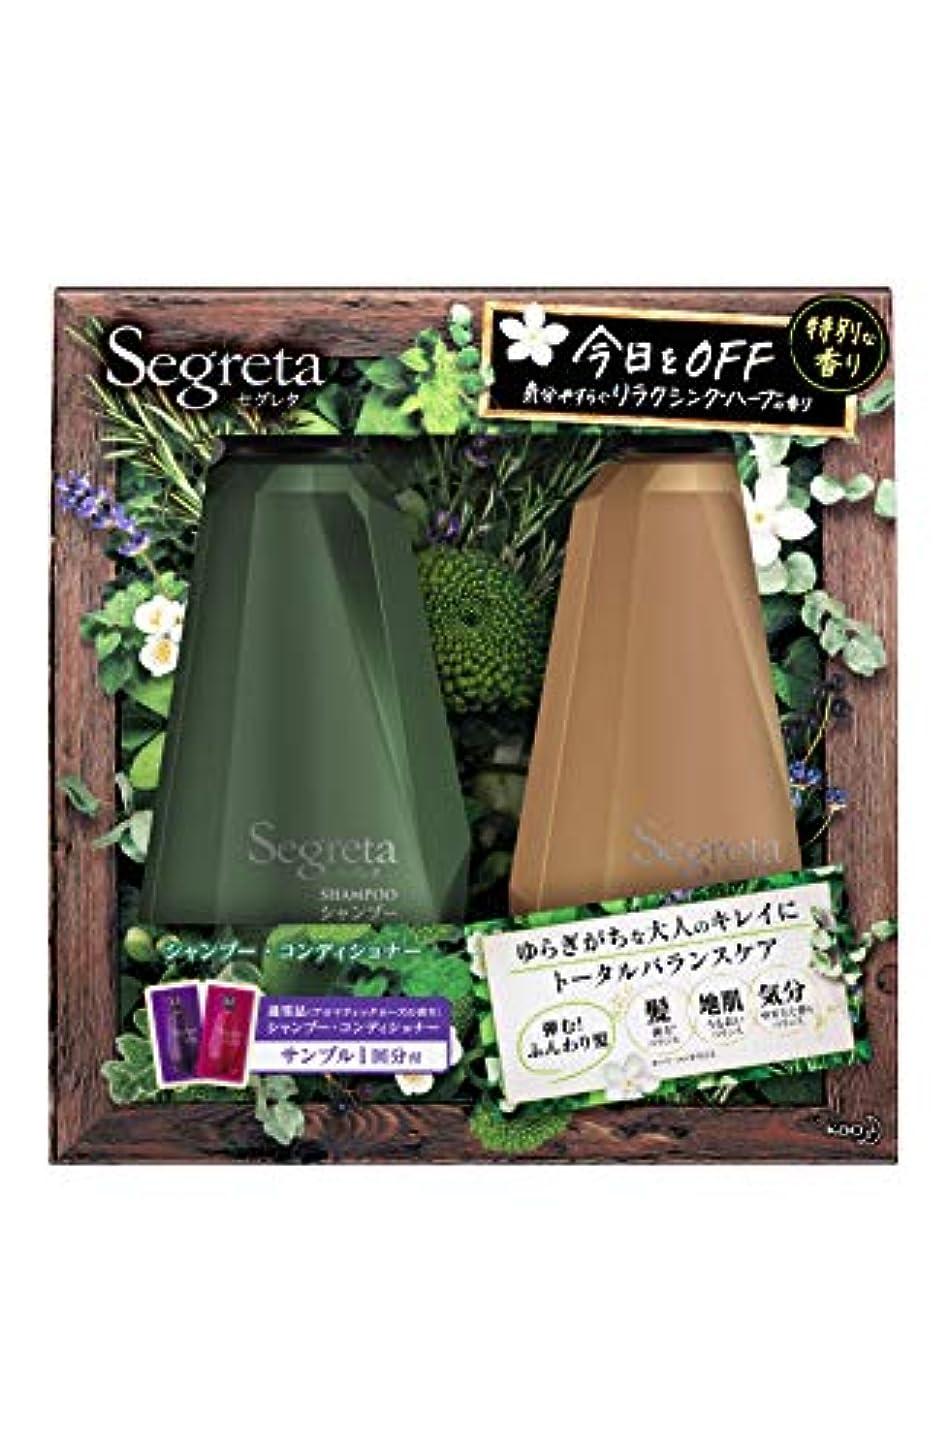 コール切り離す買収セグレタ ポンプペア リラクシングハーブの香り (シャンプー430ml+コンディショナー430ml) セグレタアロマティックローズの香りシャンプー?コンディショナーサンプル1回分付き